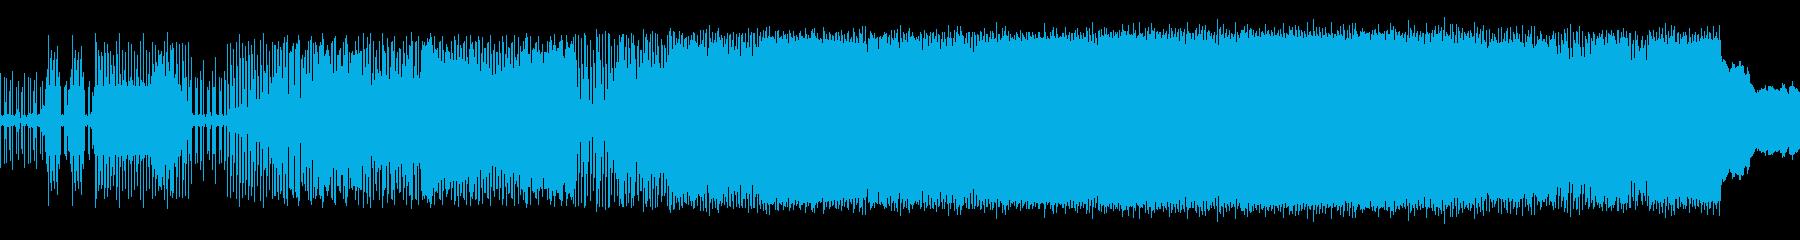 淡々としたリズムBGMの再生済みの波形